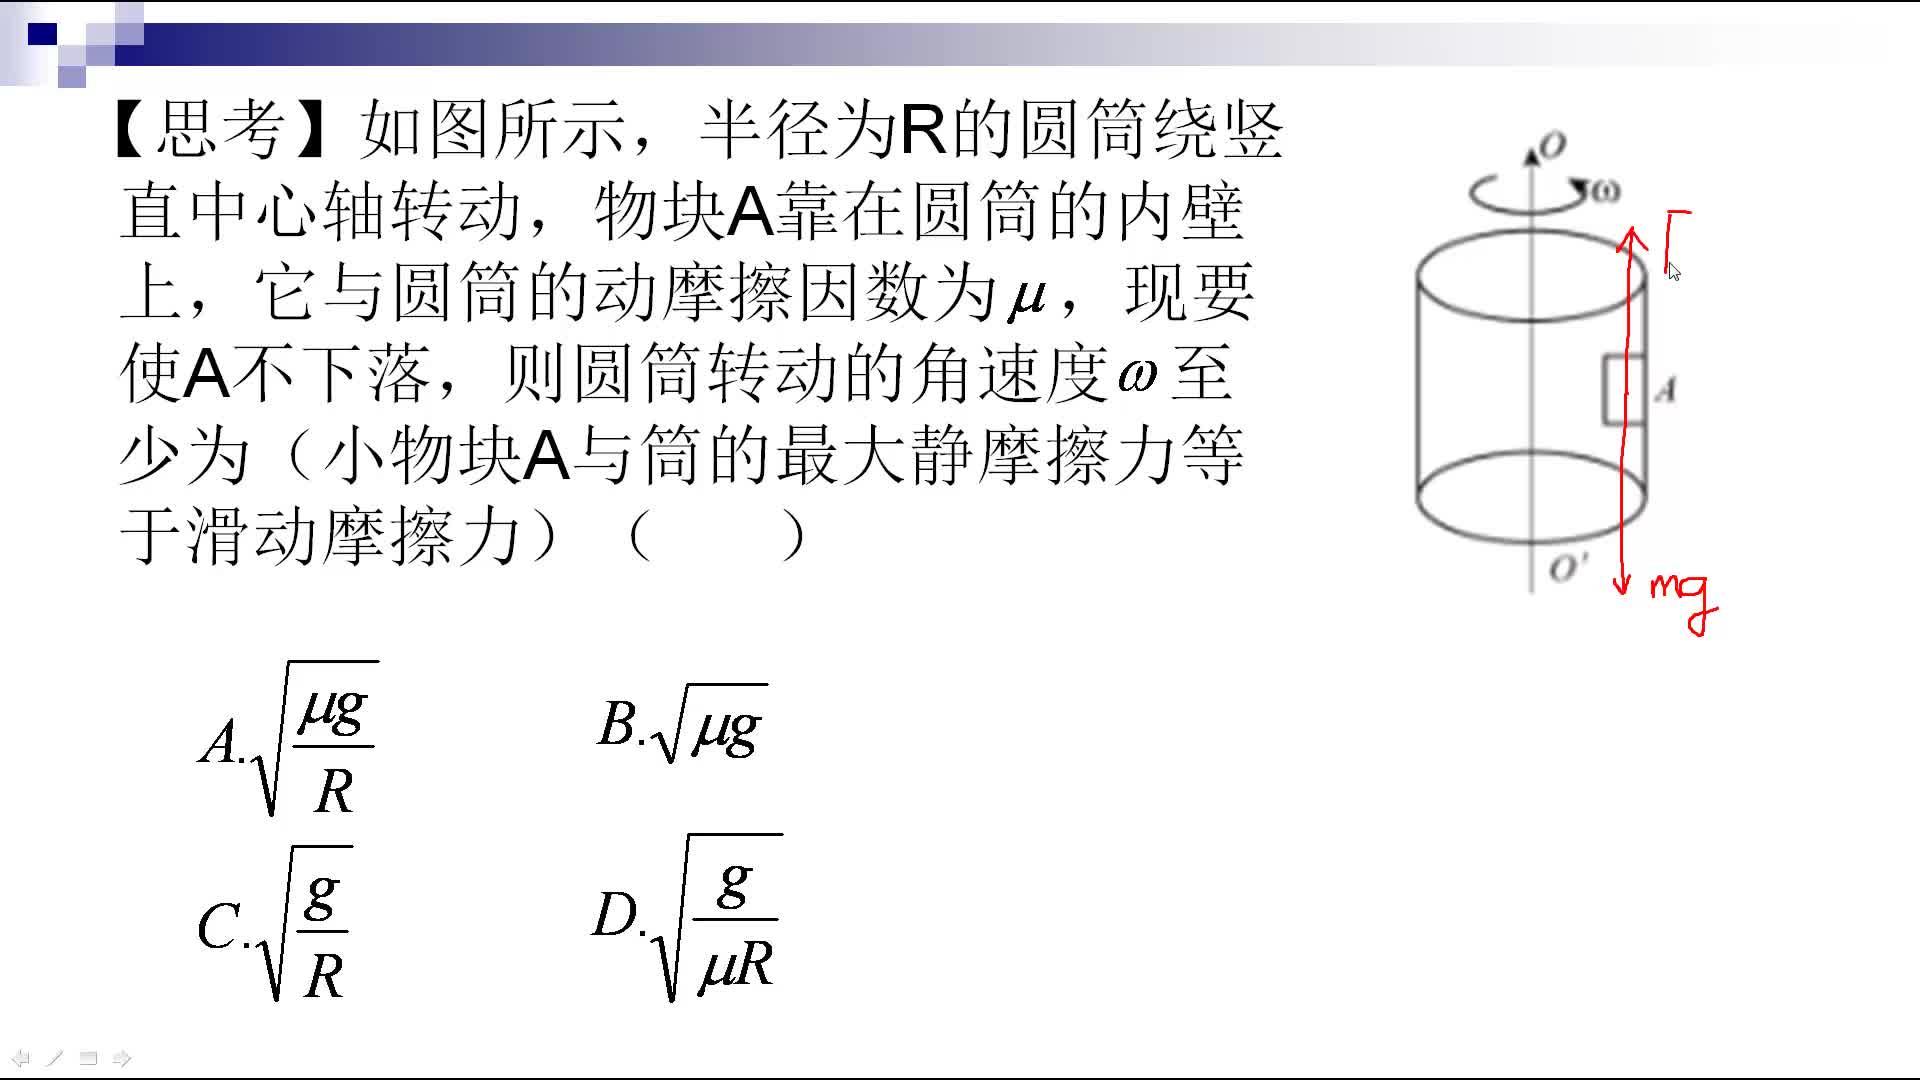 人教版高中物理必修二5.7生活中的圆周运动 圆桶的弹力提供向心力(圆周运动难点辨析)-视频微课堂